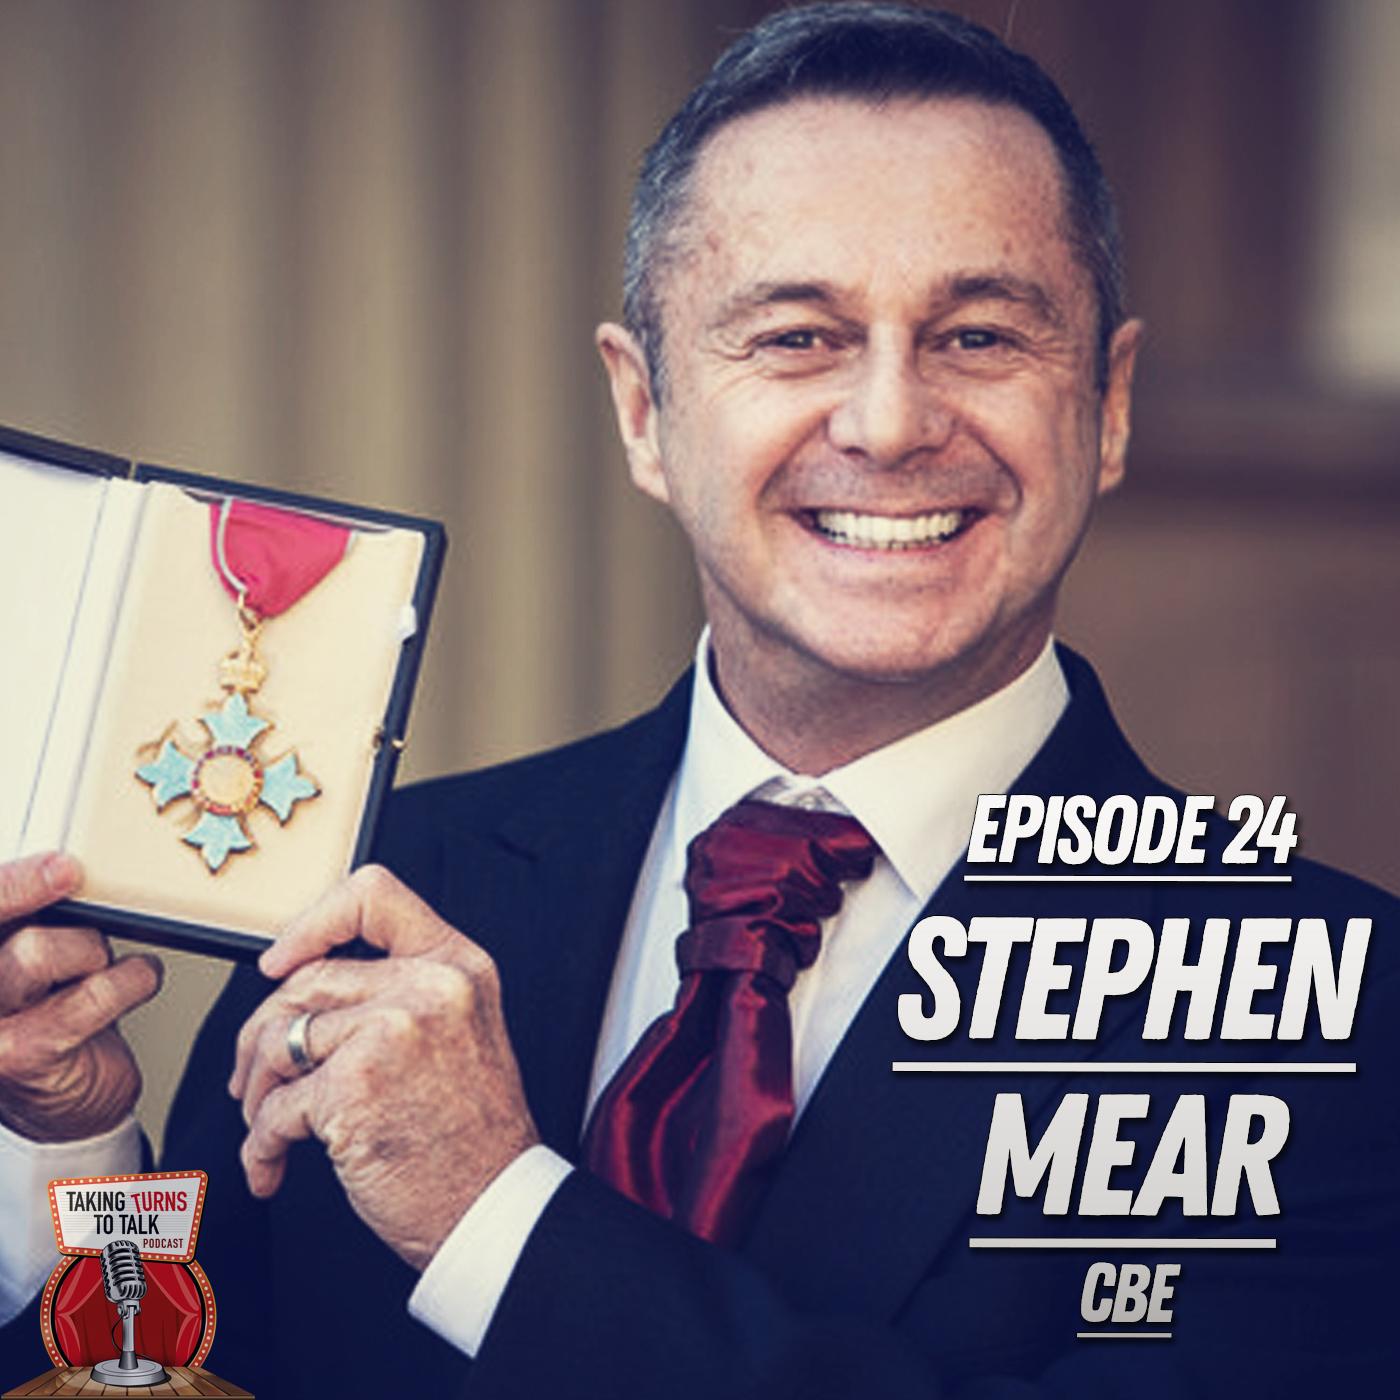 Artwork for #24 Stephen Mear CBE